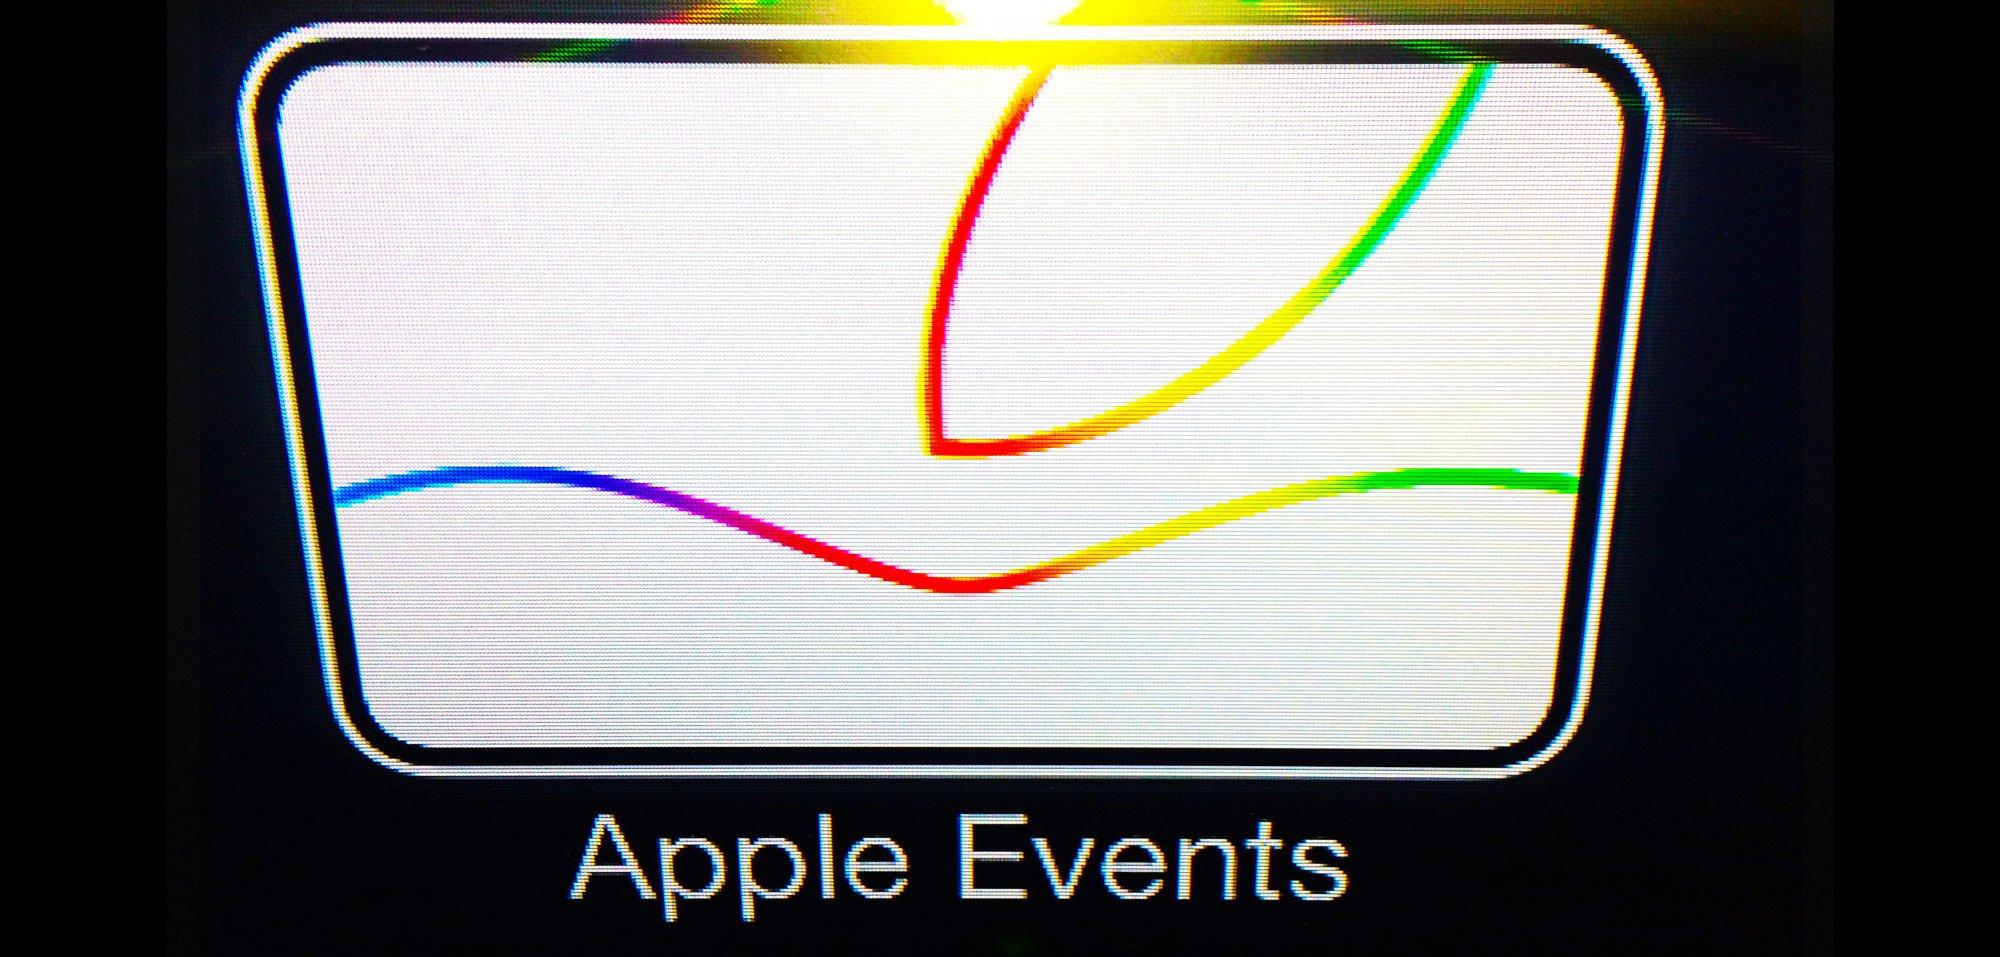 Apple TV Livestream iPad Air 2 Keynote!  9